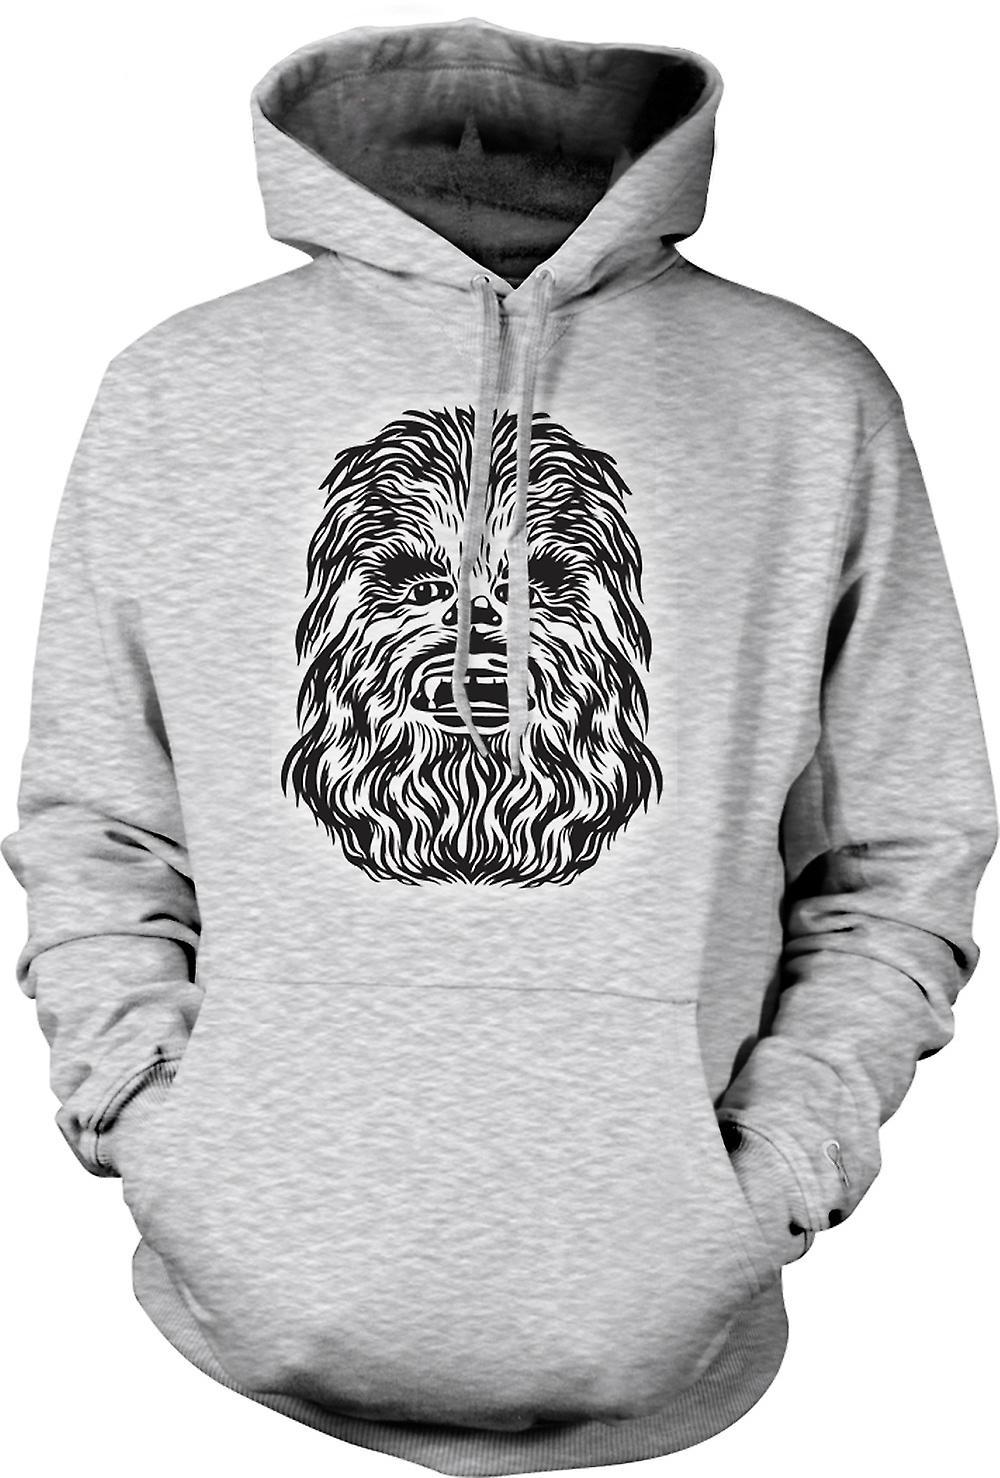 Herren Hoodie - Star Wars - Chewbacca